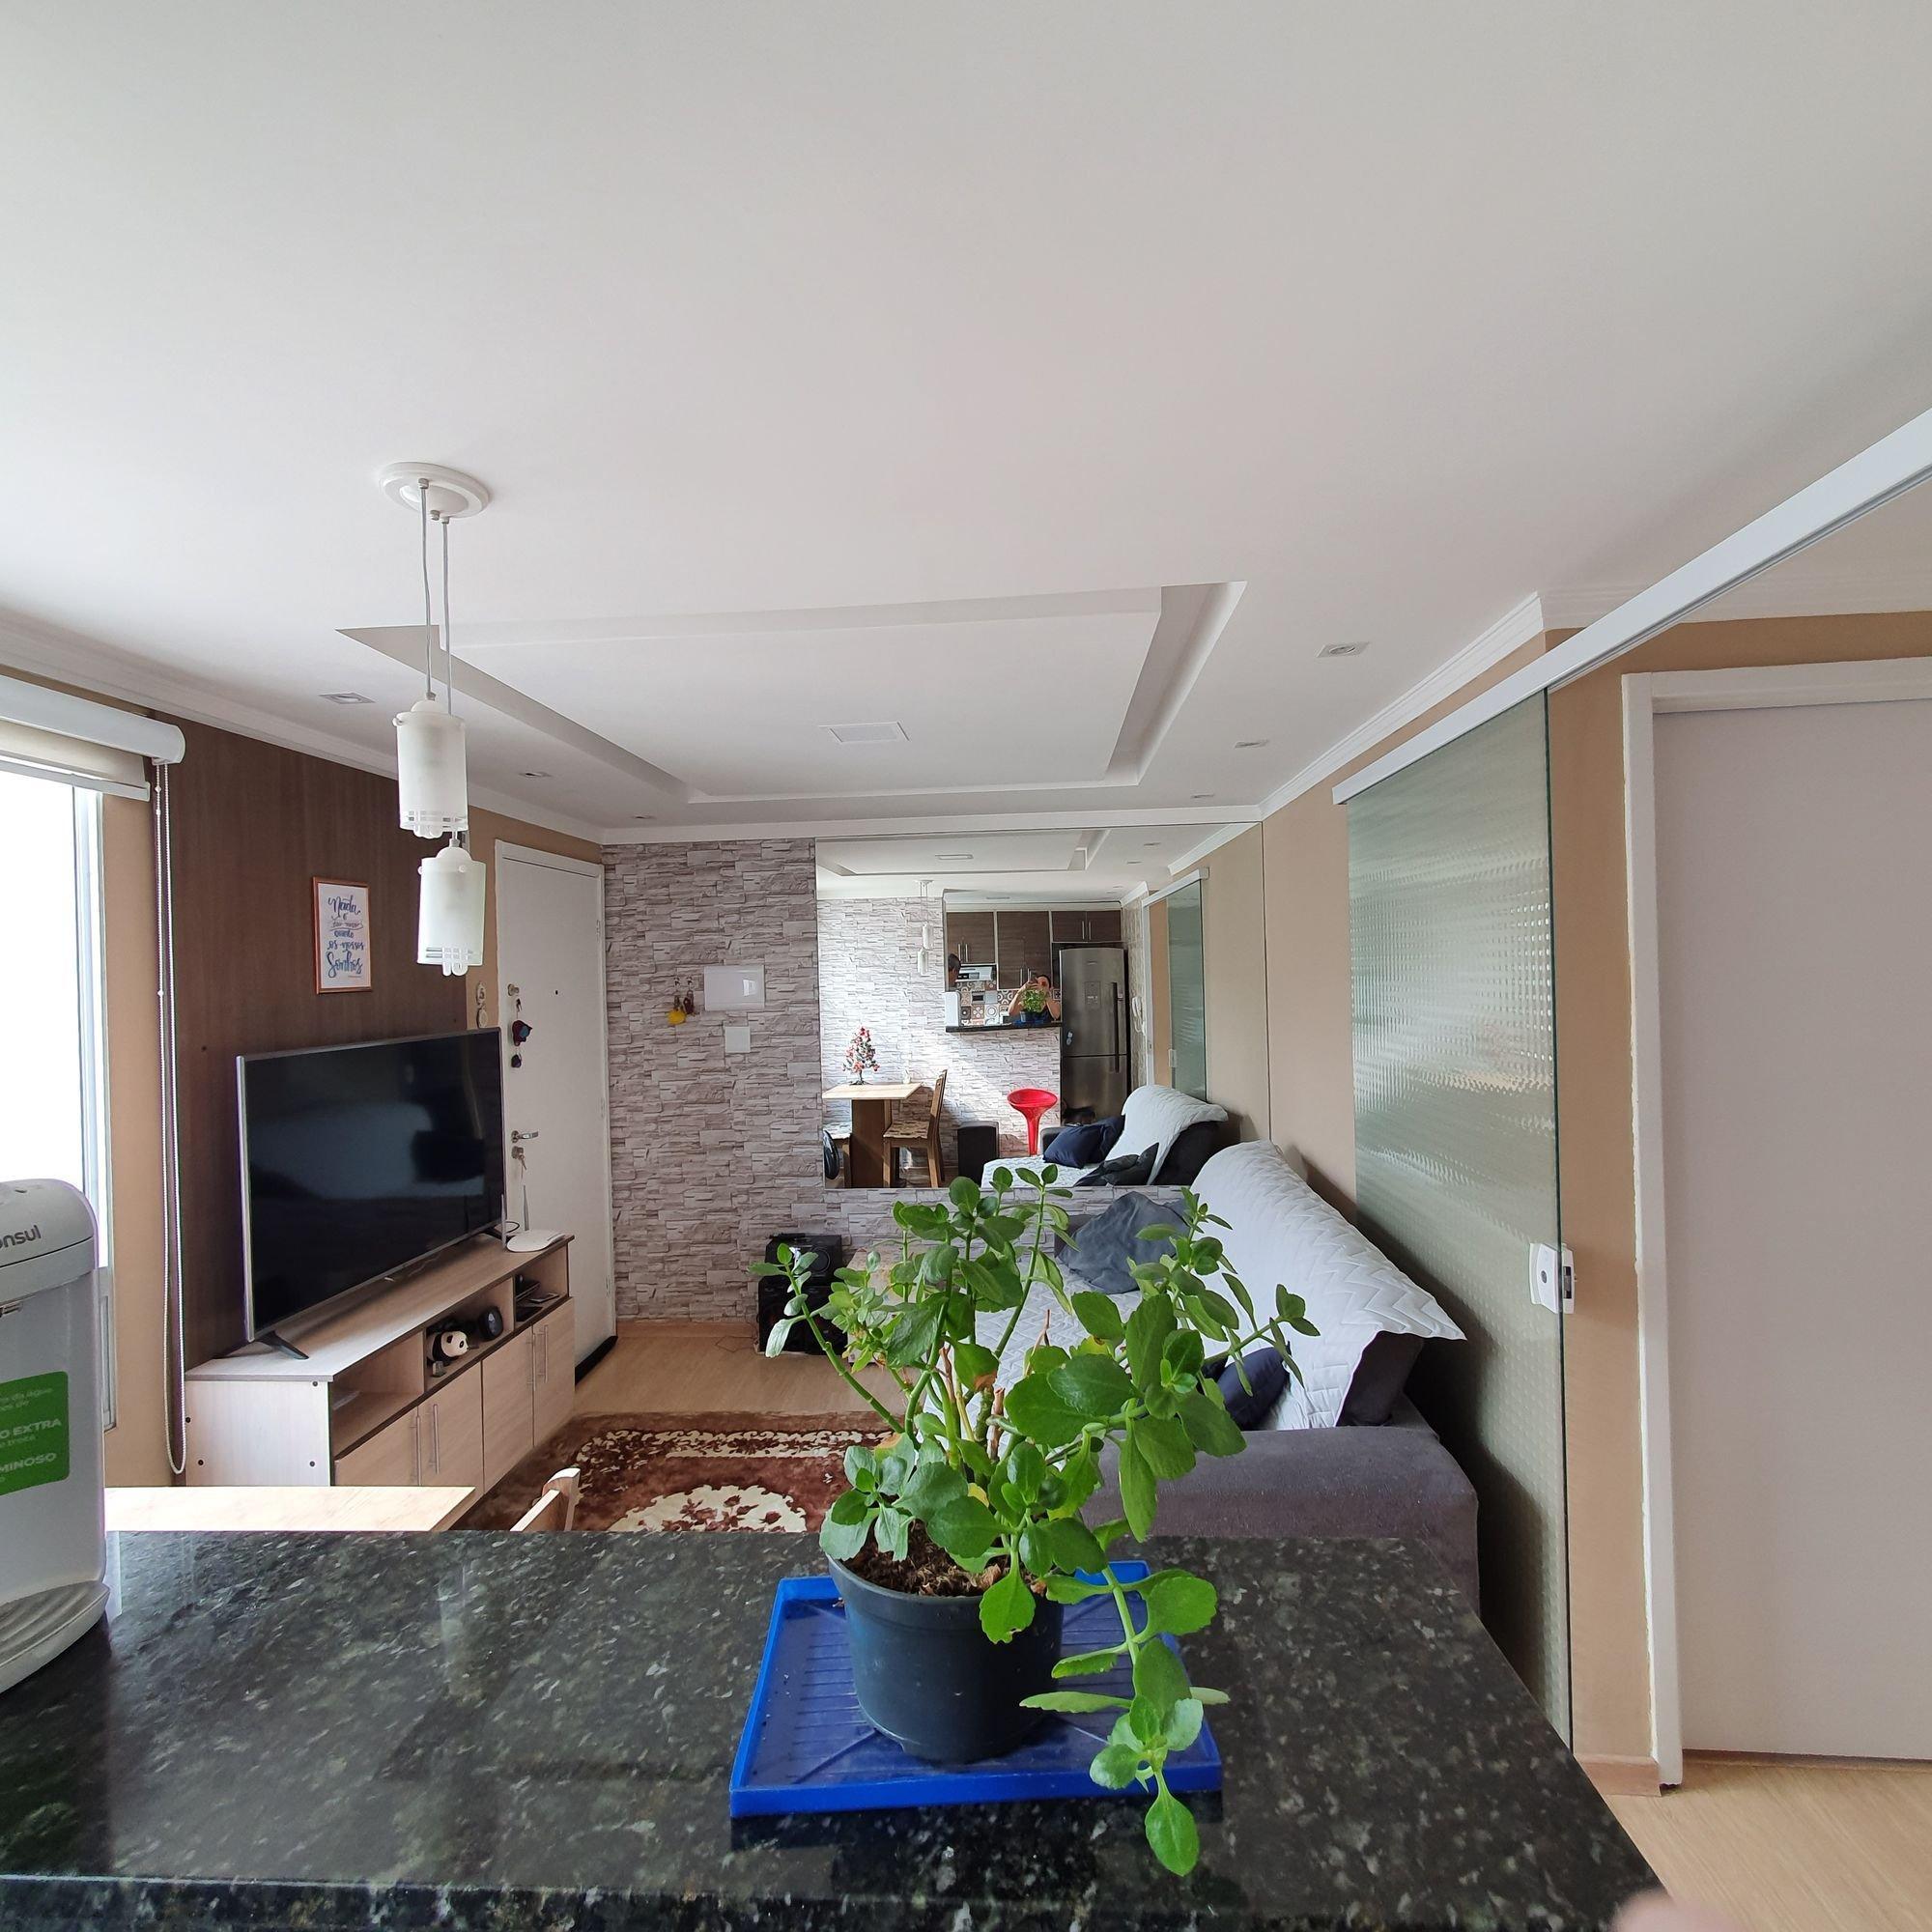 Foto de Lavanderia com vaso de planta, televisão, cadeira